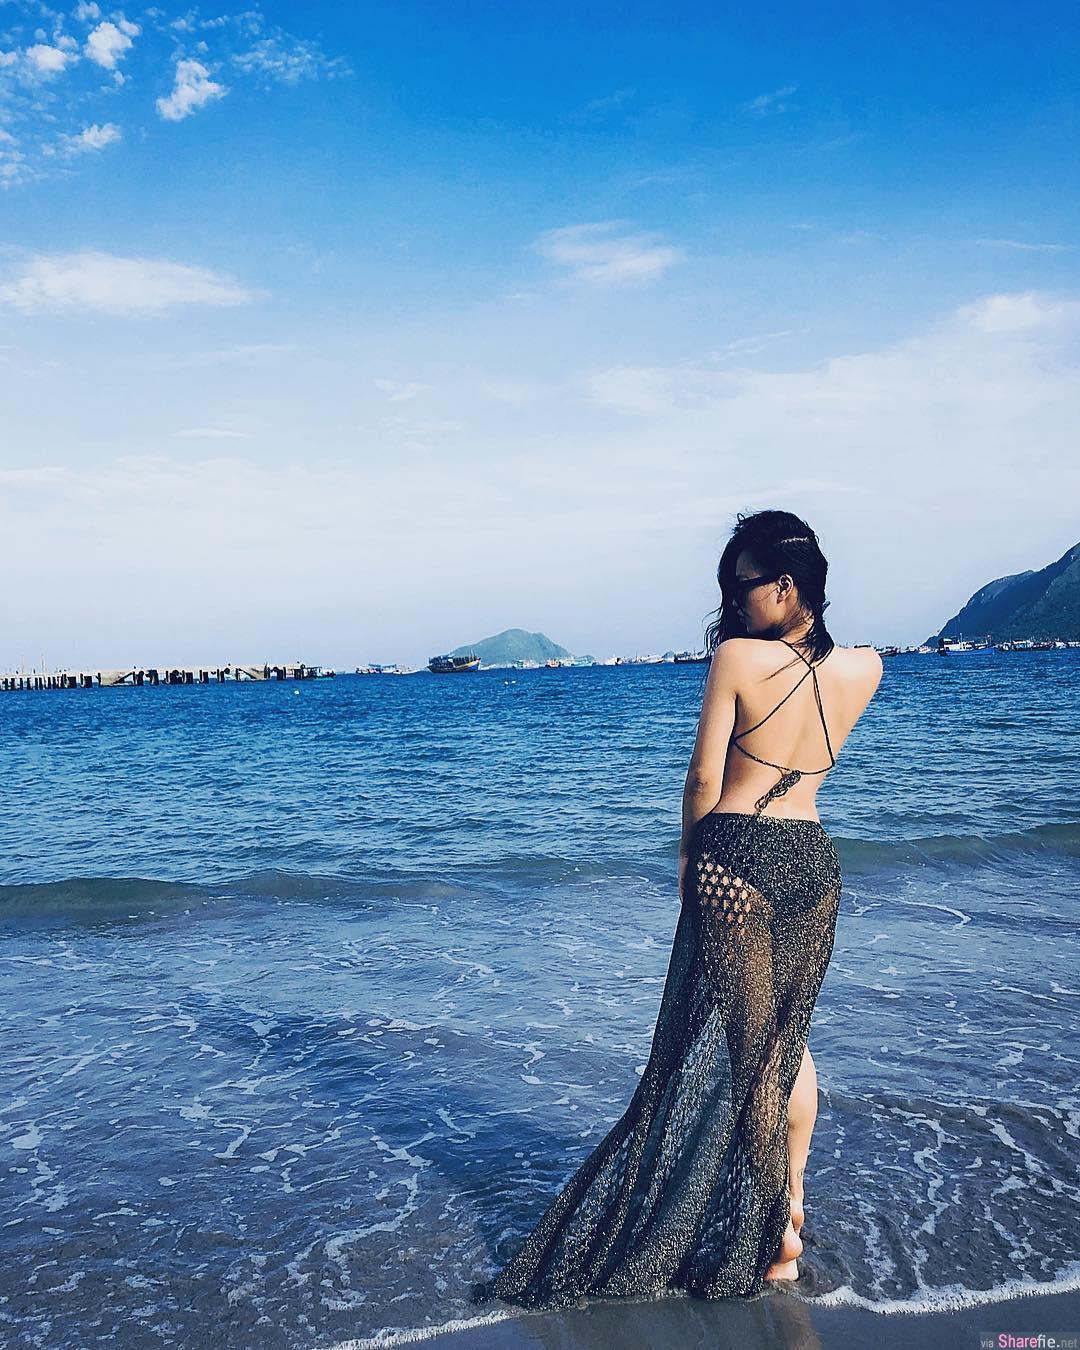 越南女DJ,沙滩裸拍椰子奶